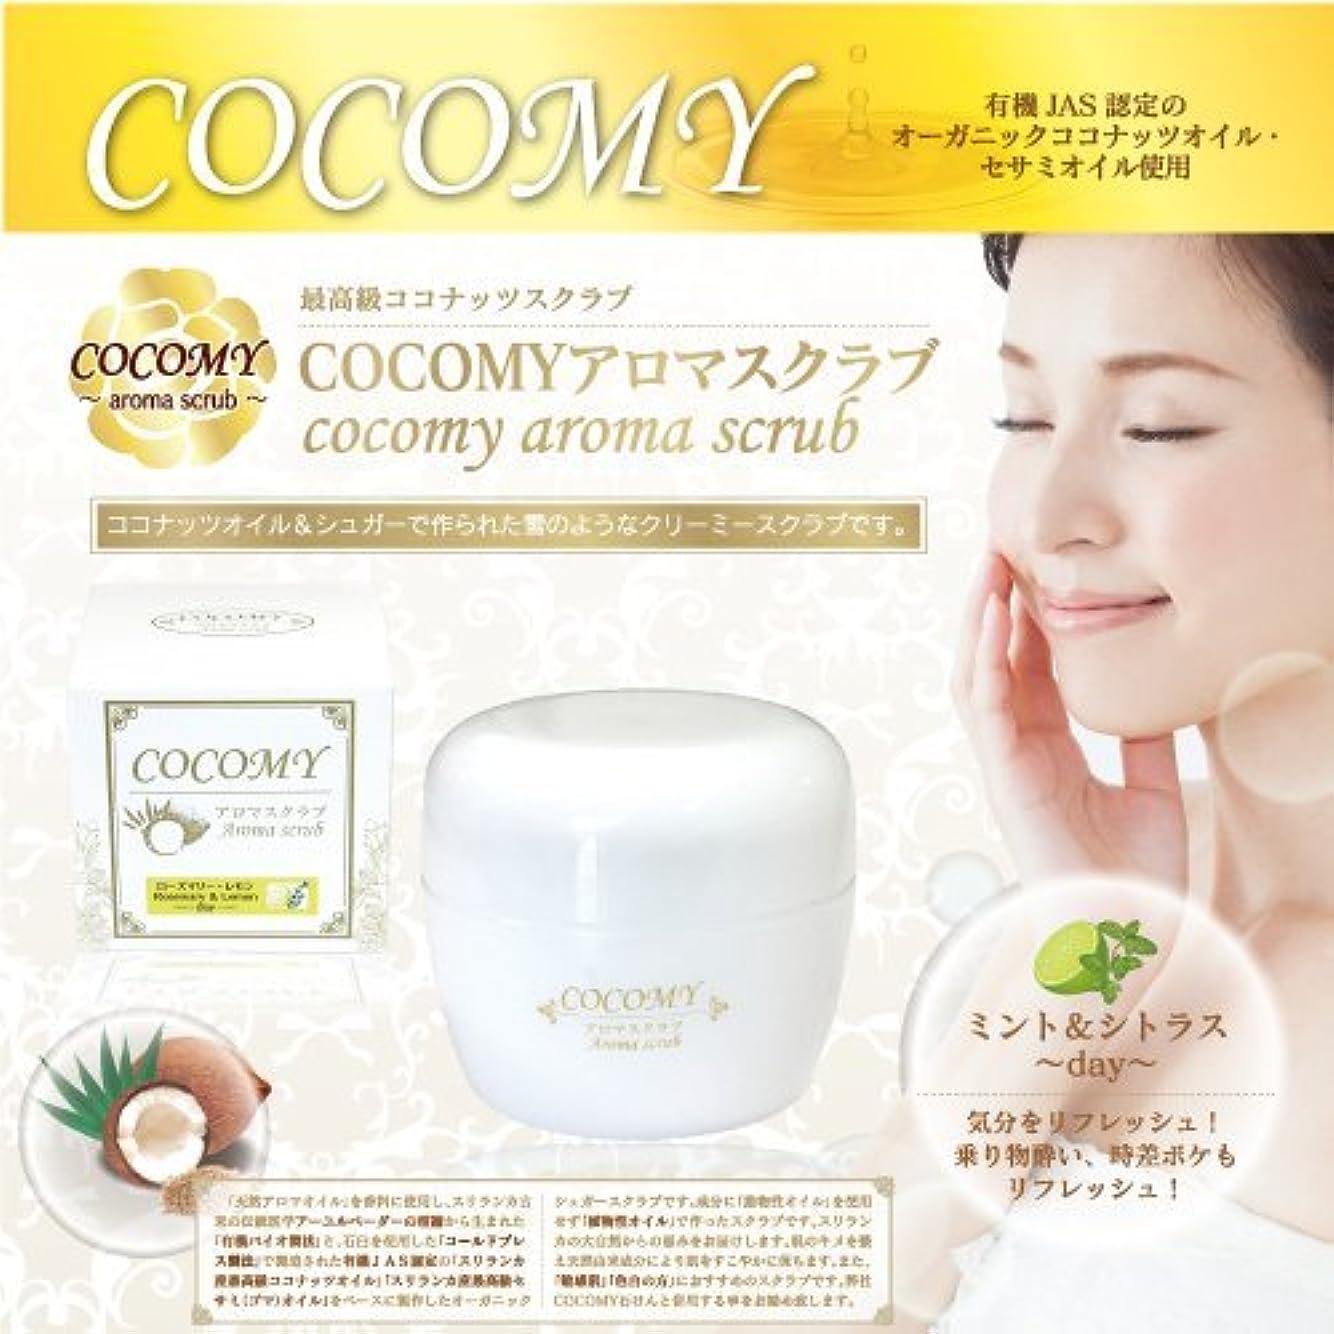 うぬぼれ同級生入射COCOMY aromaスクラブ (ミント&シトラス) 120g